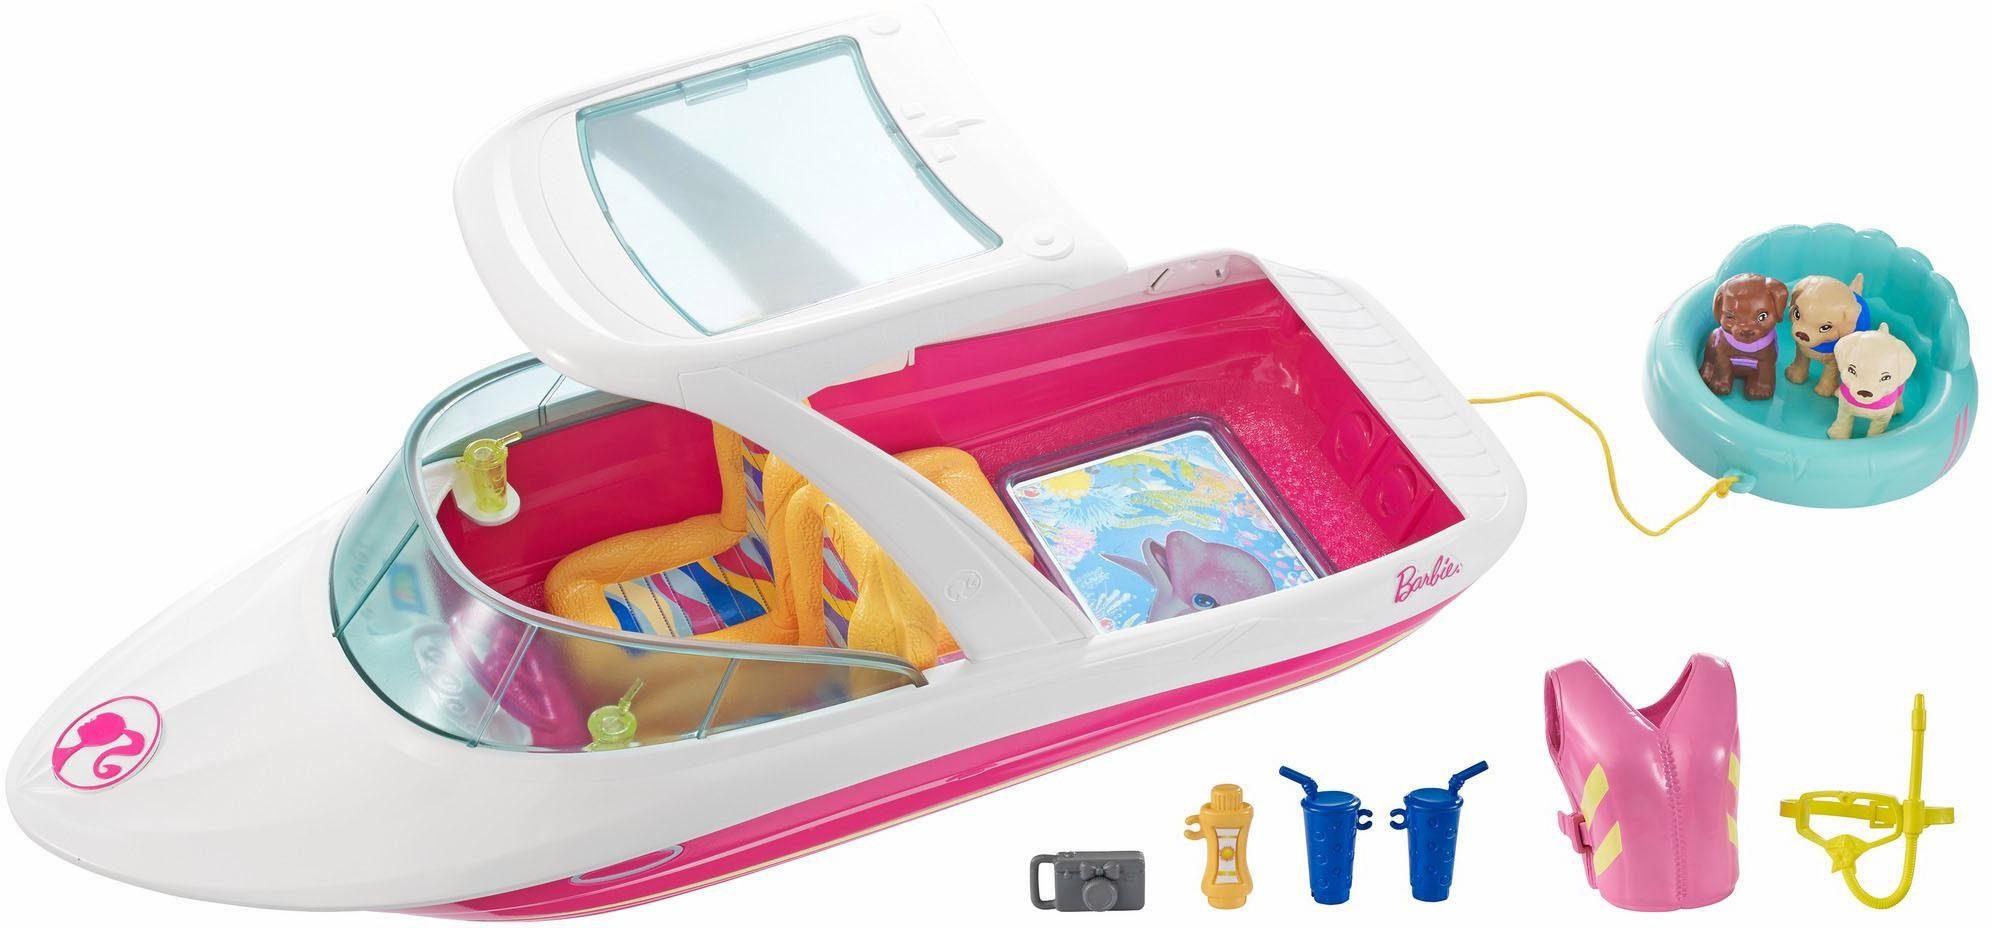 Mattel Puppen Abenteuerboot, »Barbie Magie der Delfine, Abenteuerboot«